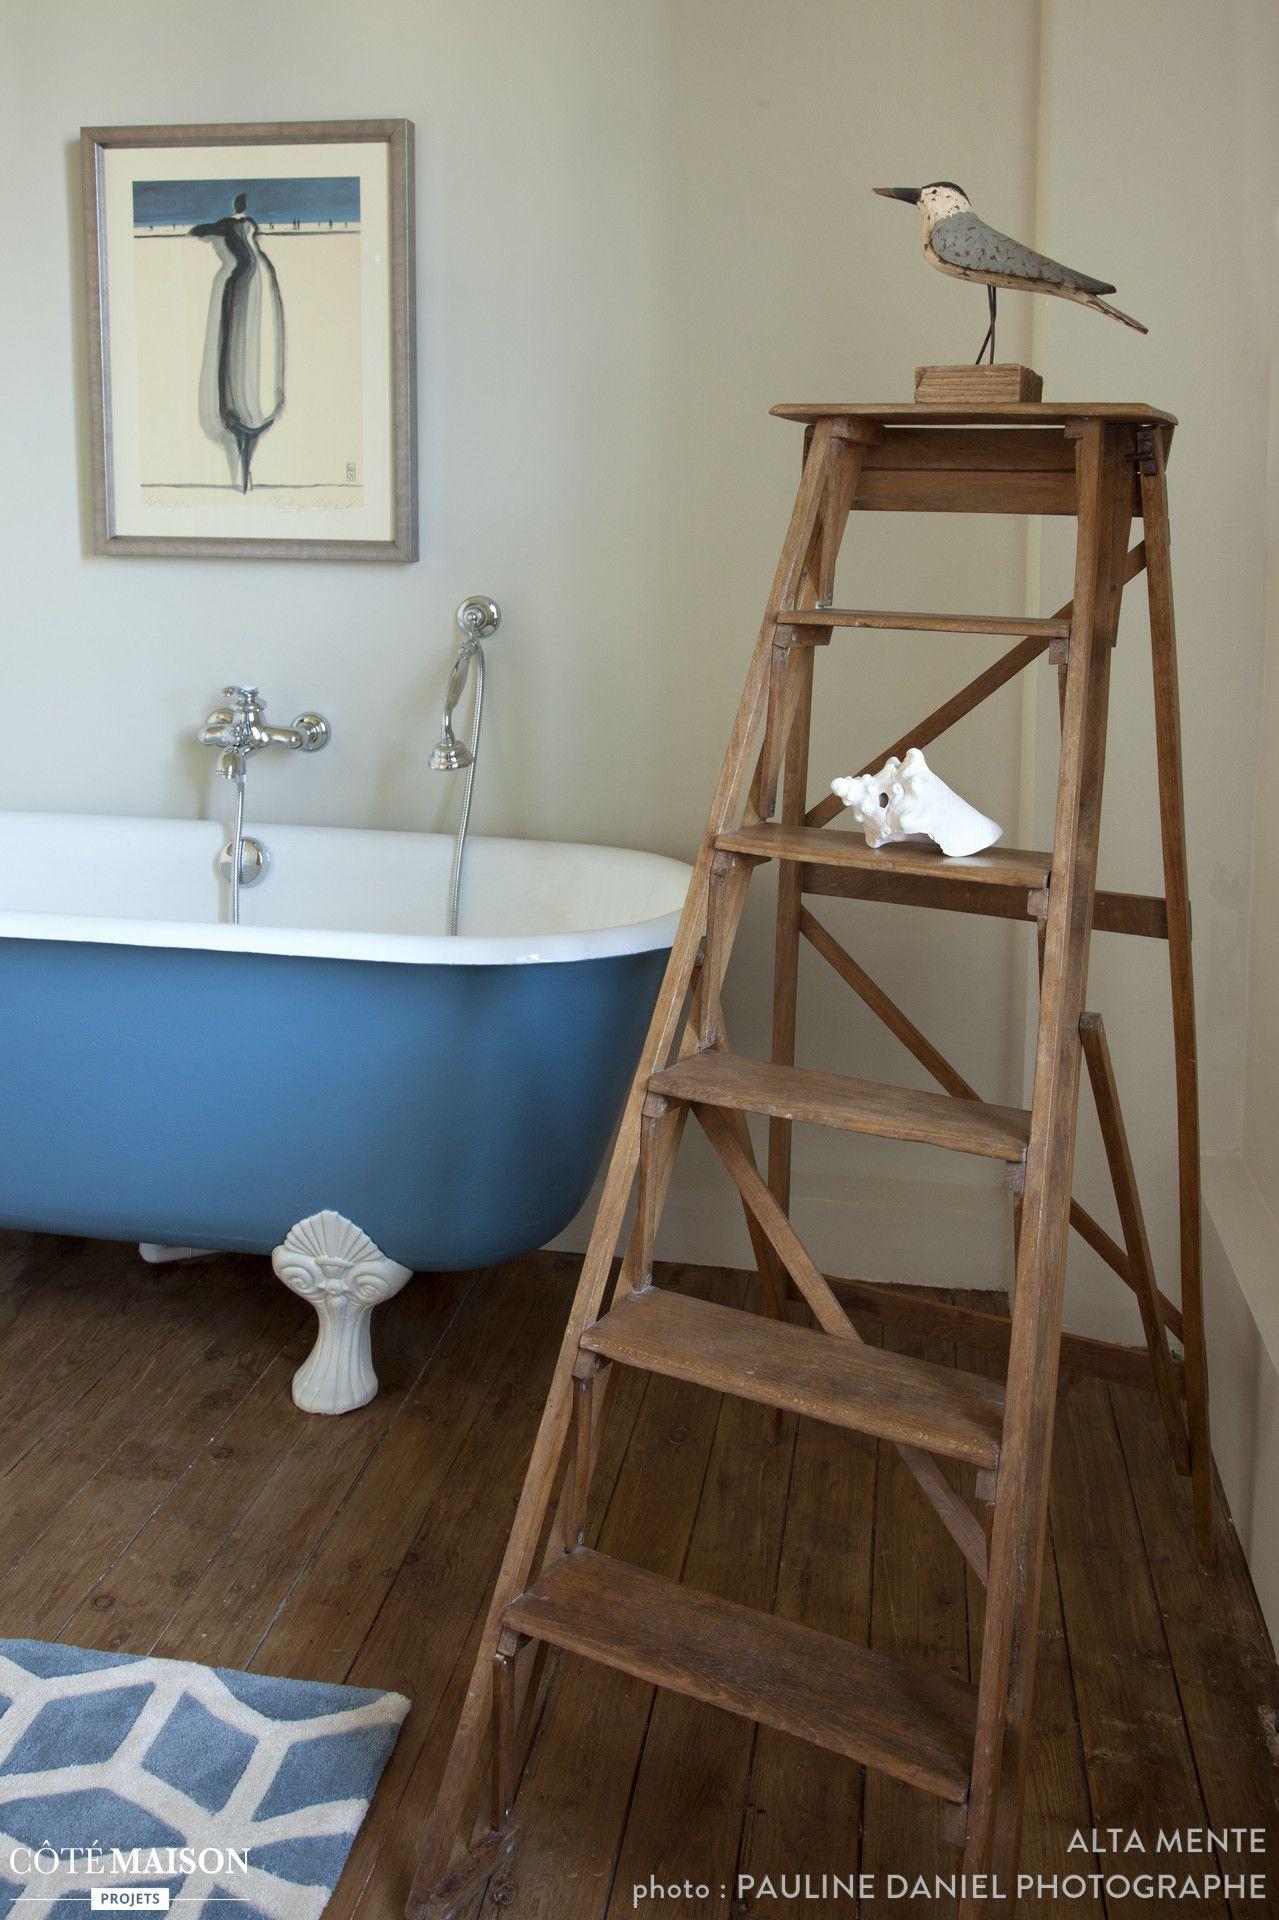 La belle endormie r novation d 39 une maison 1900 alta - Belle mere dans la salle de bain ...